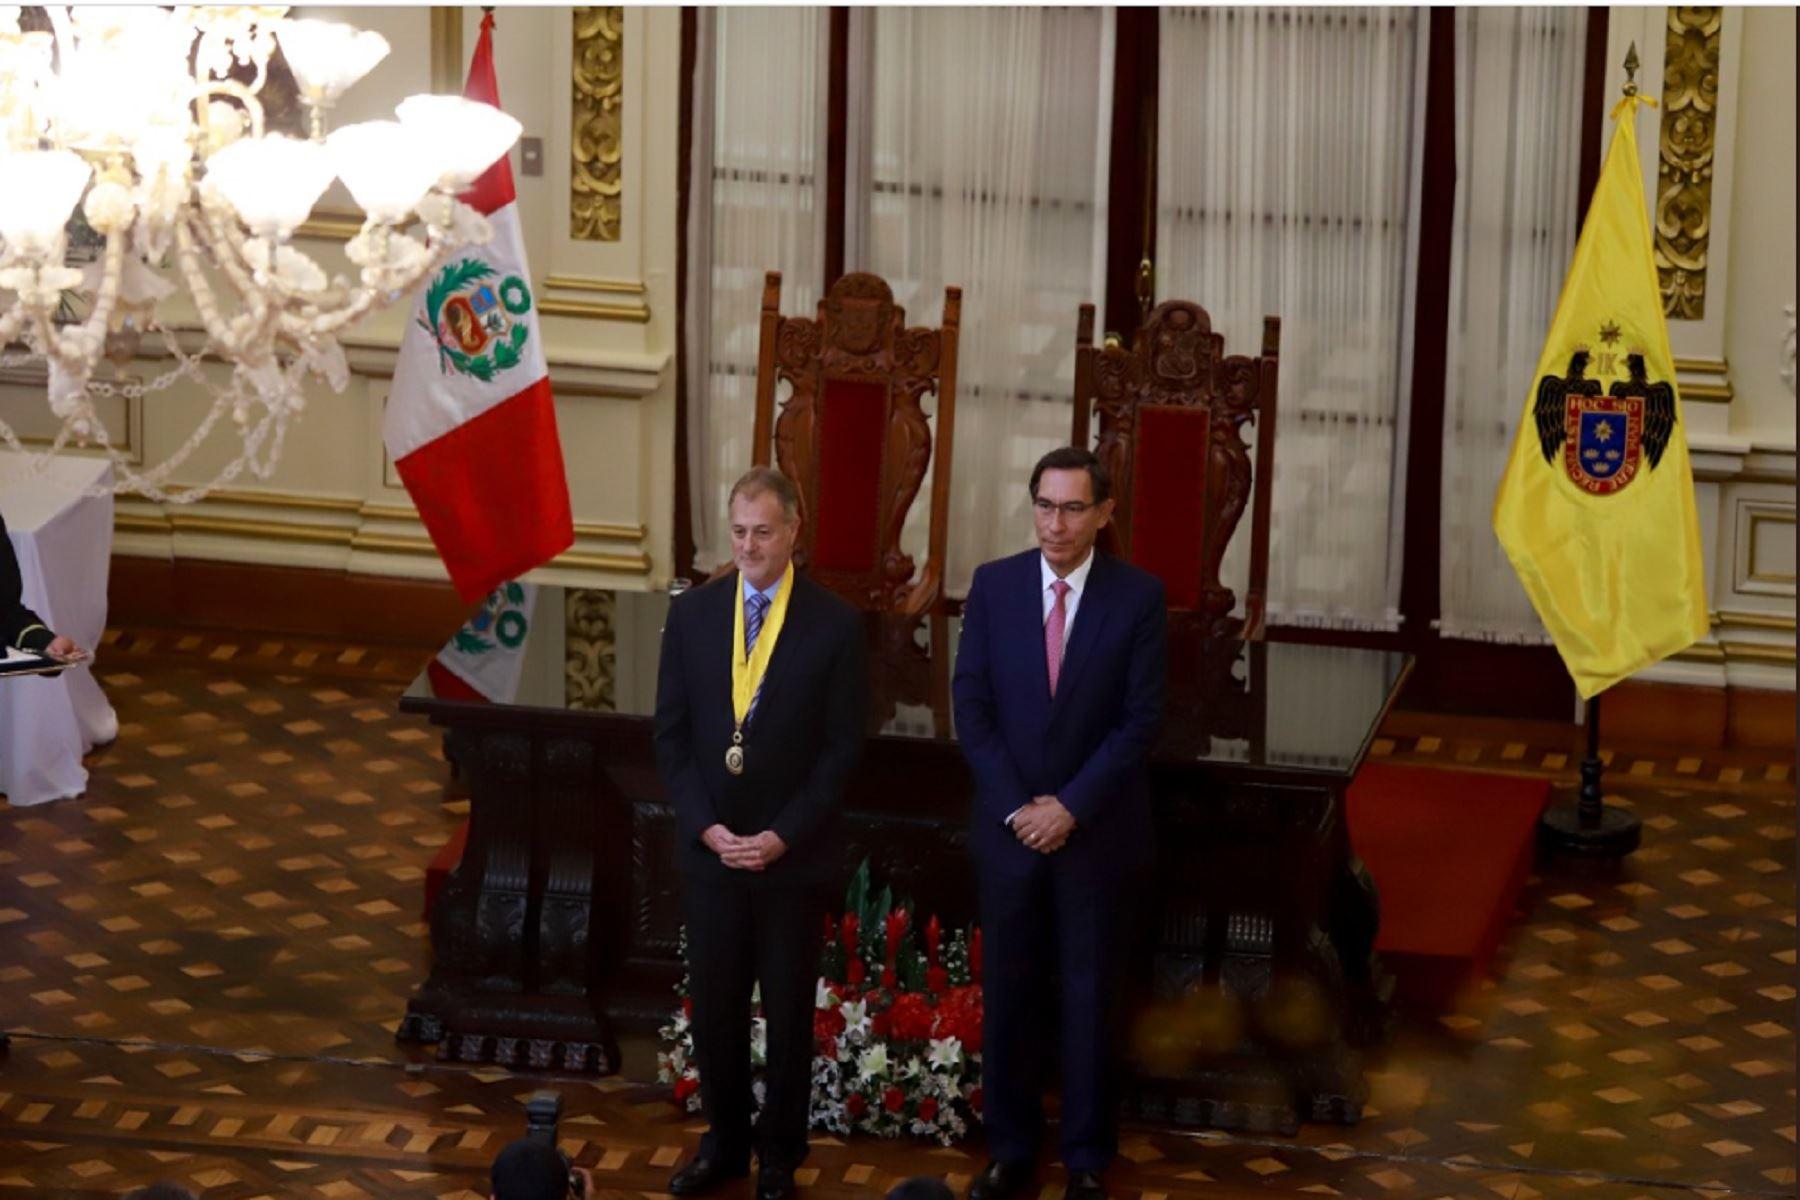 Presidente Vizcarra participó en la sesión solemne por el 485 aniversario de Lima.